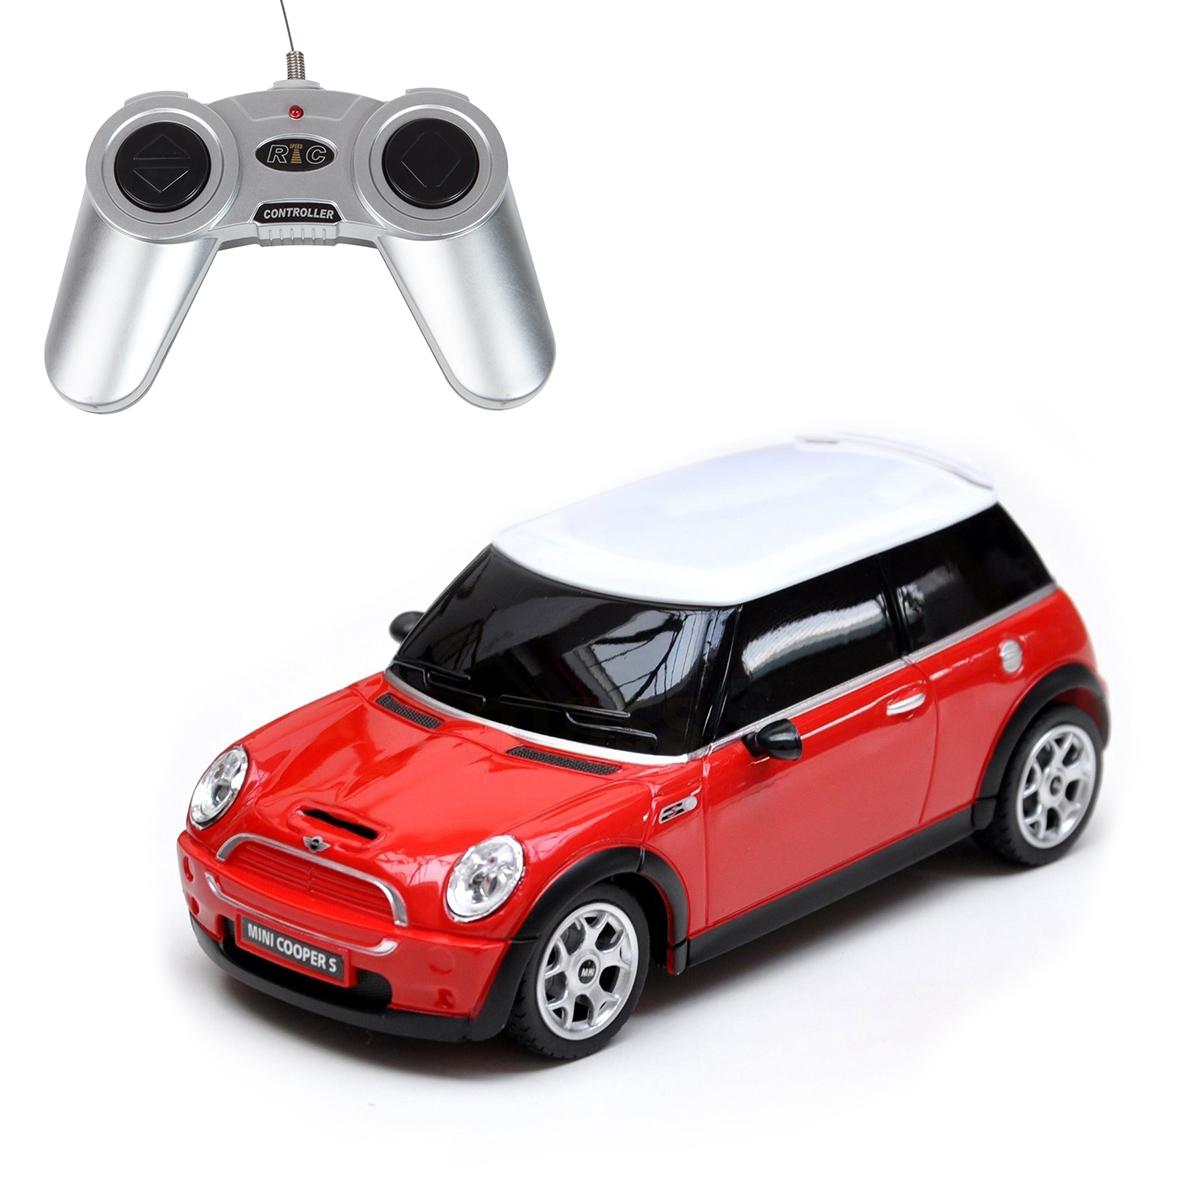 Masina cu telecomanda Rastar Mini Cooper S, 1:18, Rosu